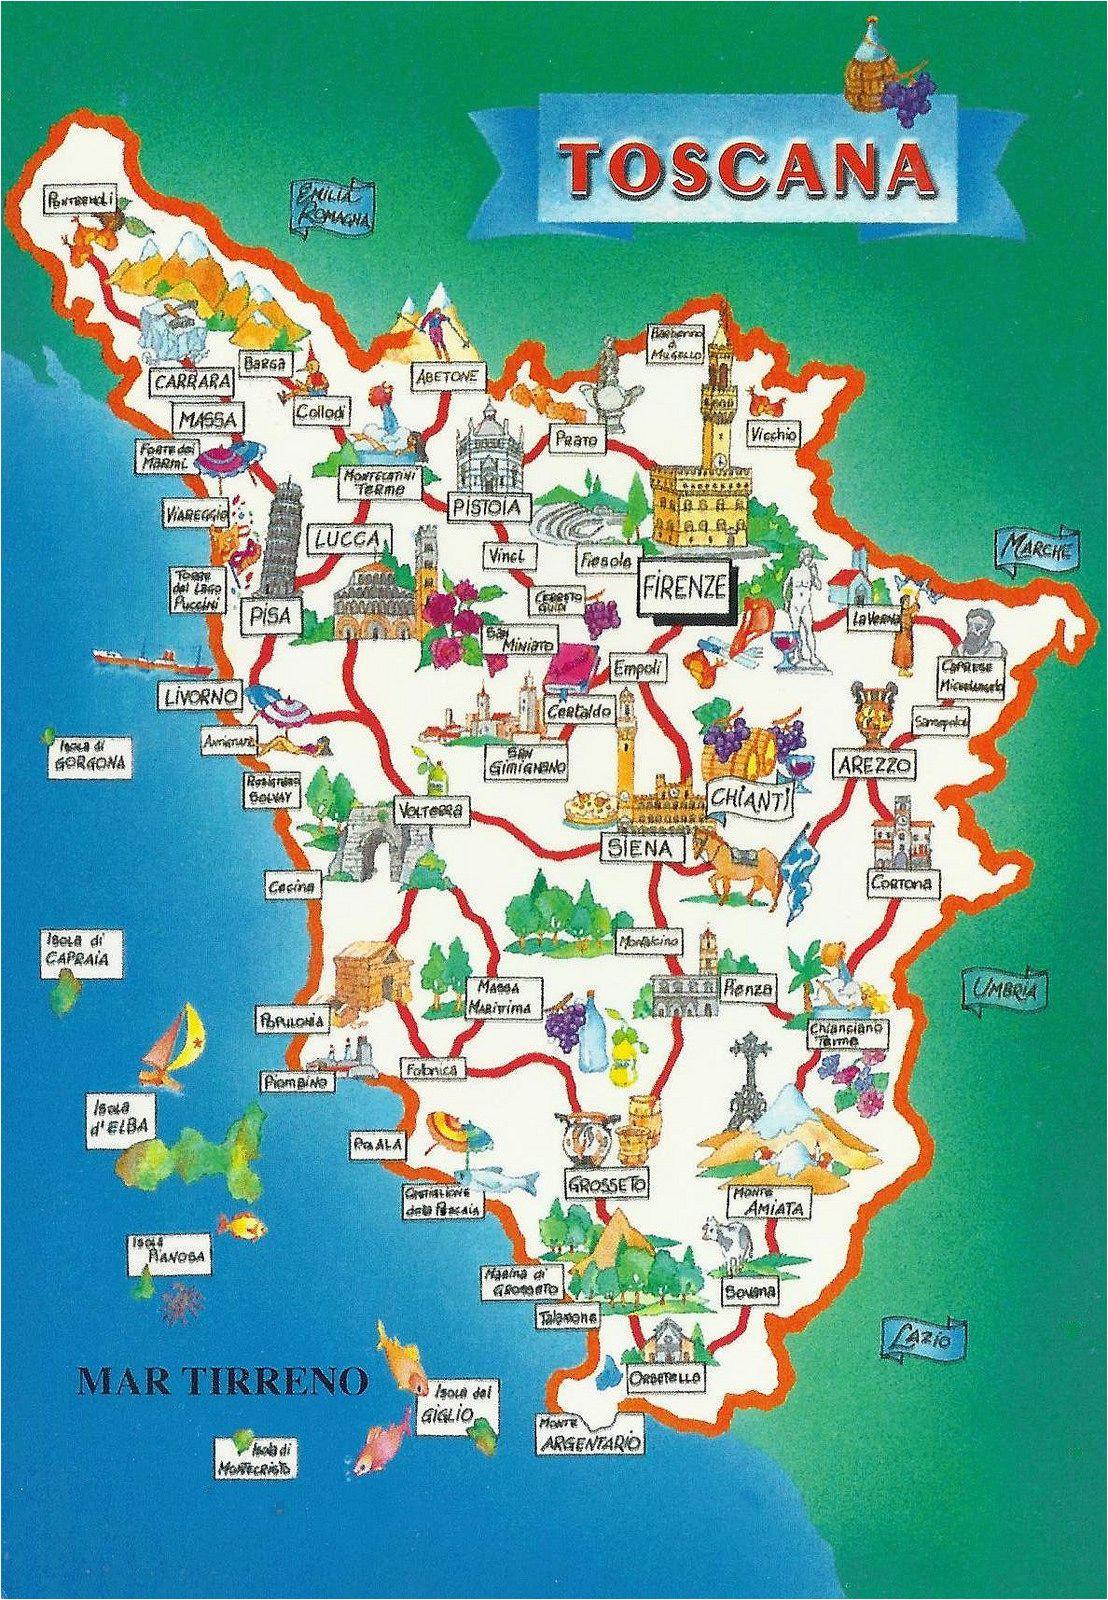 Detailed Map Of Tuscany Italy.Tuscany On Italy Map Secretmuseum